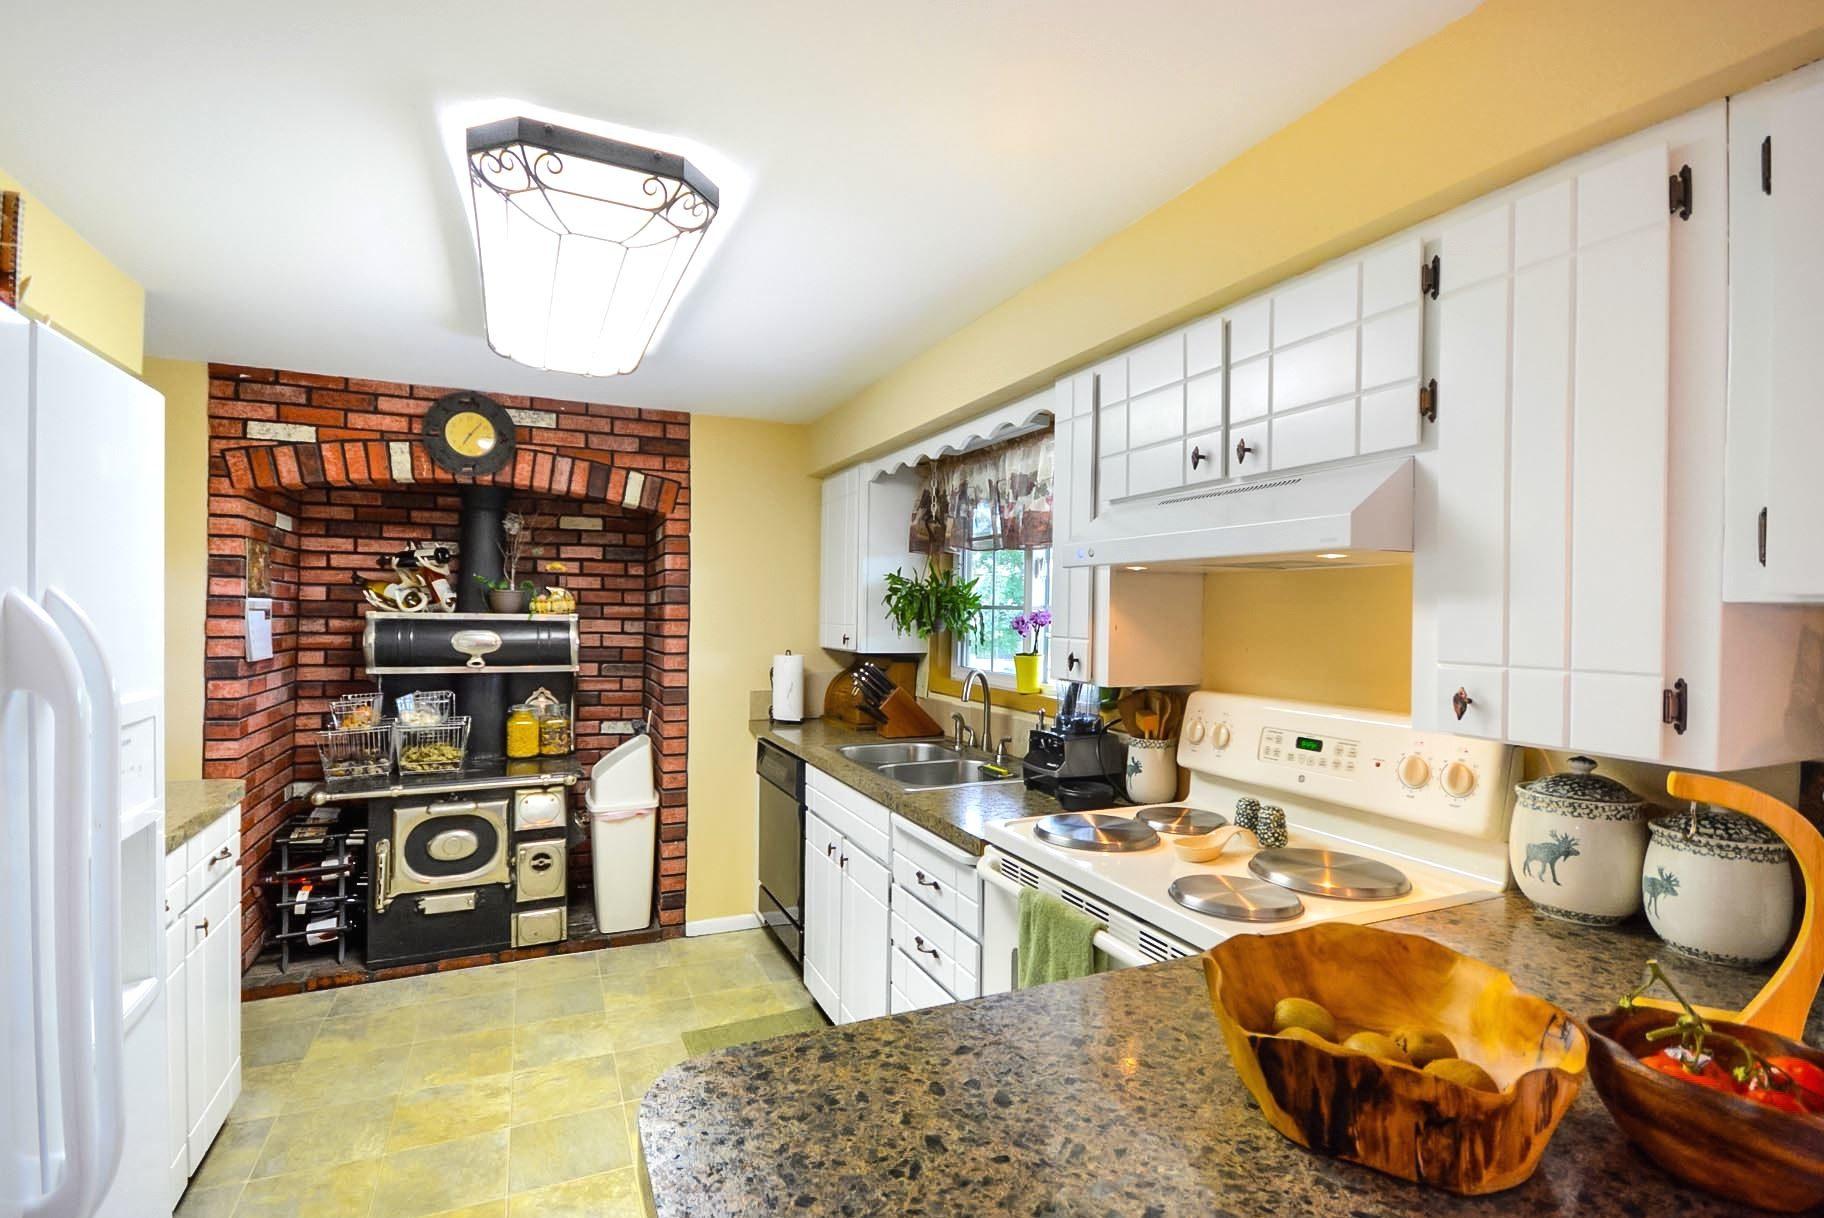 interior nevera muebles cocina cocina decoracin frutas ventana